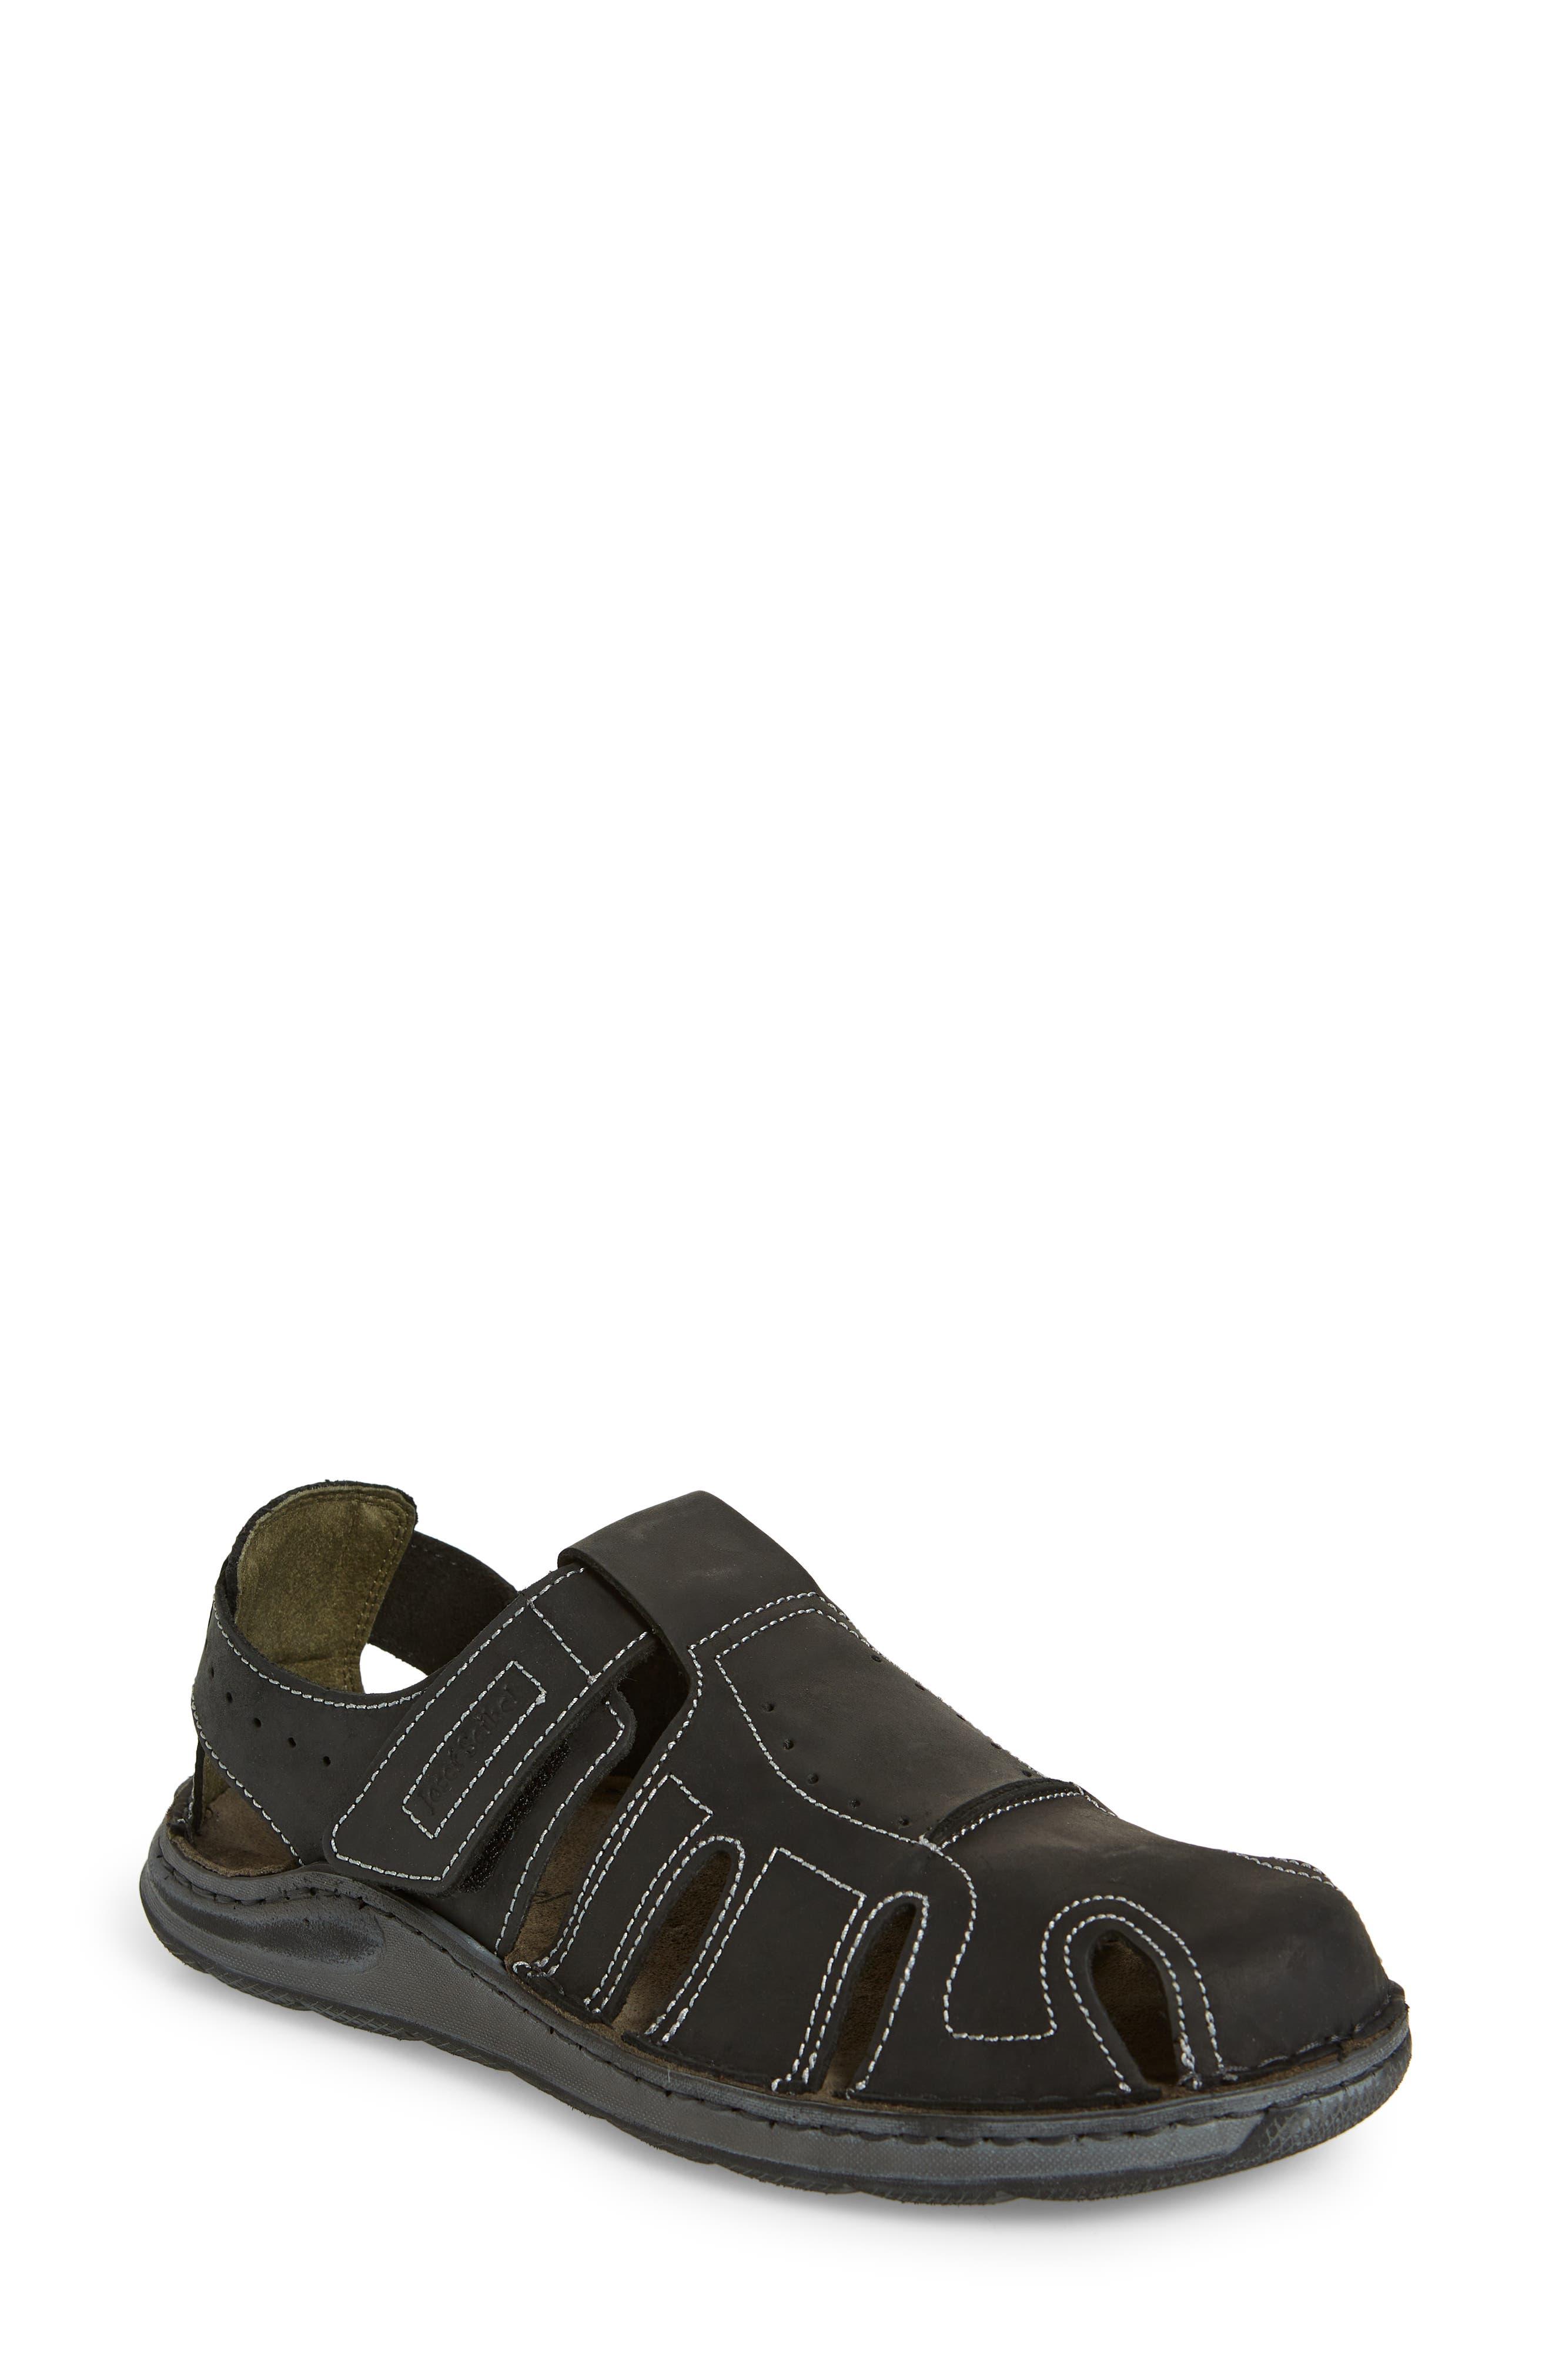 Maverick 01 Sandal